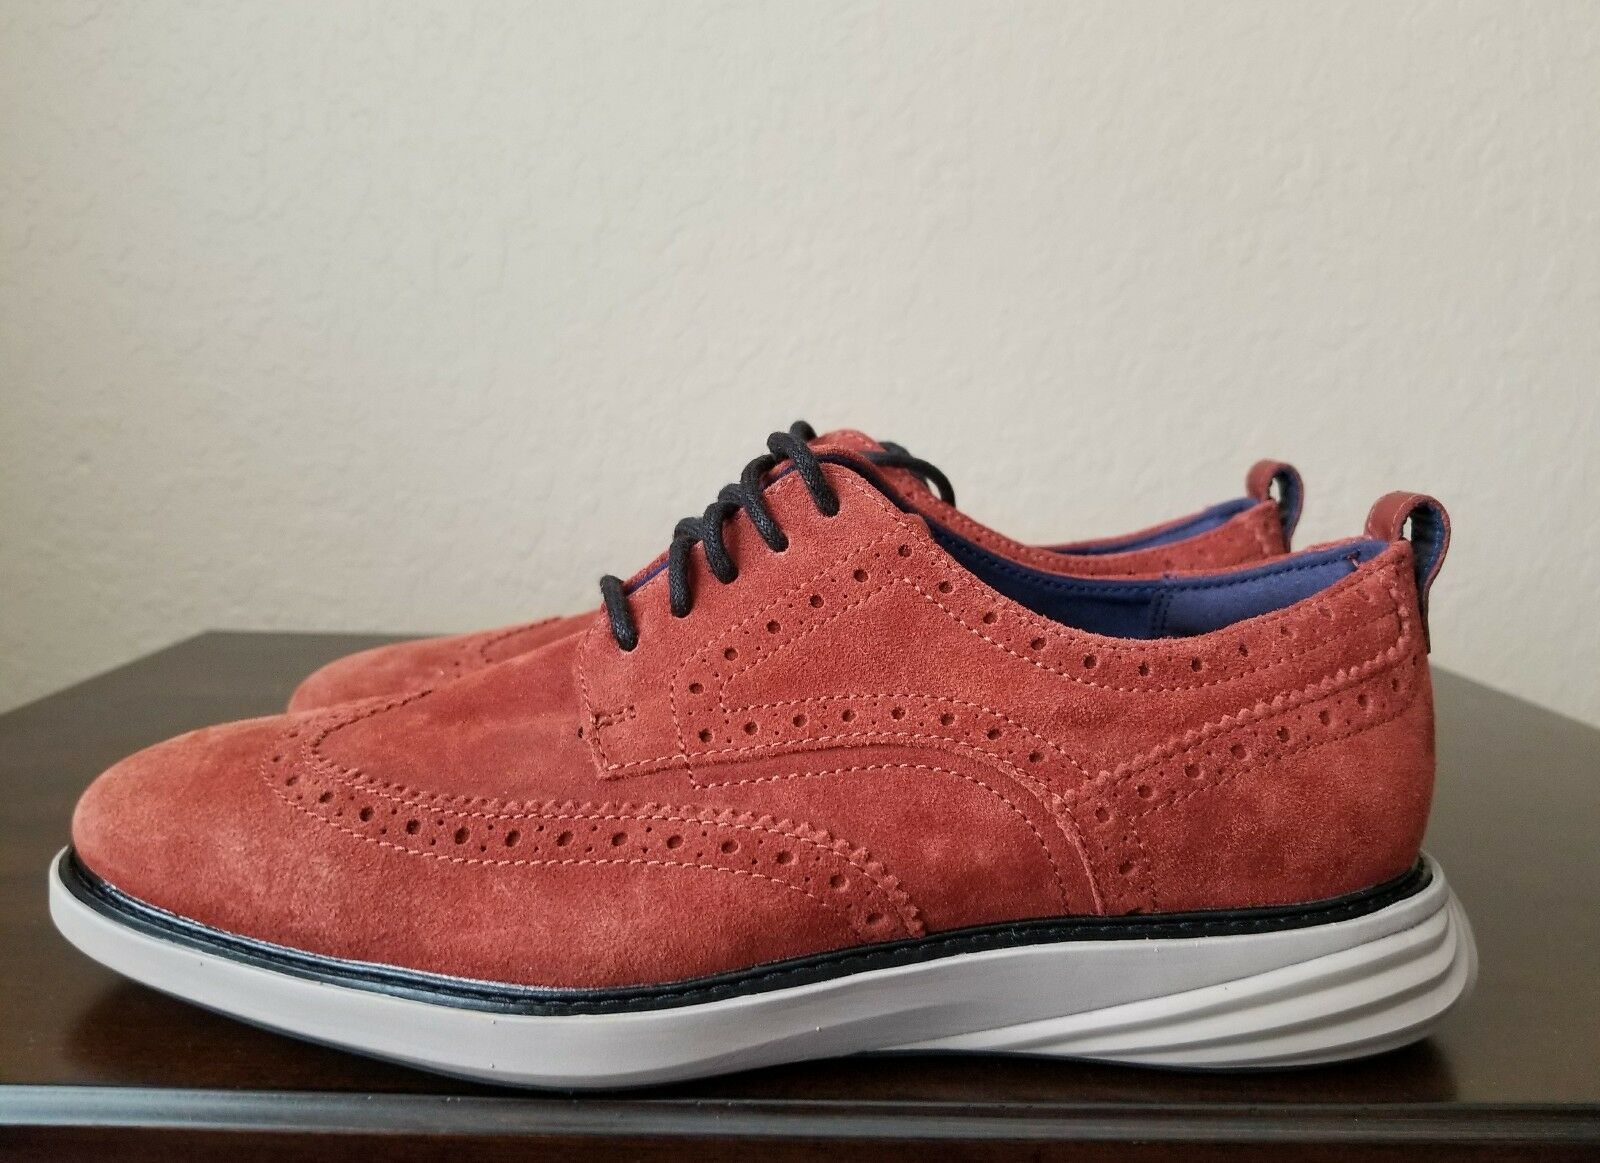 Cole Haan grandevolution punta del ala Oxford Zapatos Brandy Marrón para para Marrón Hombre C26314 cc21db